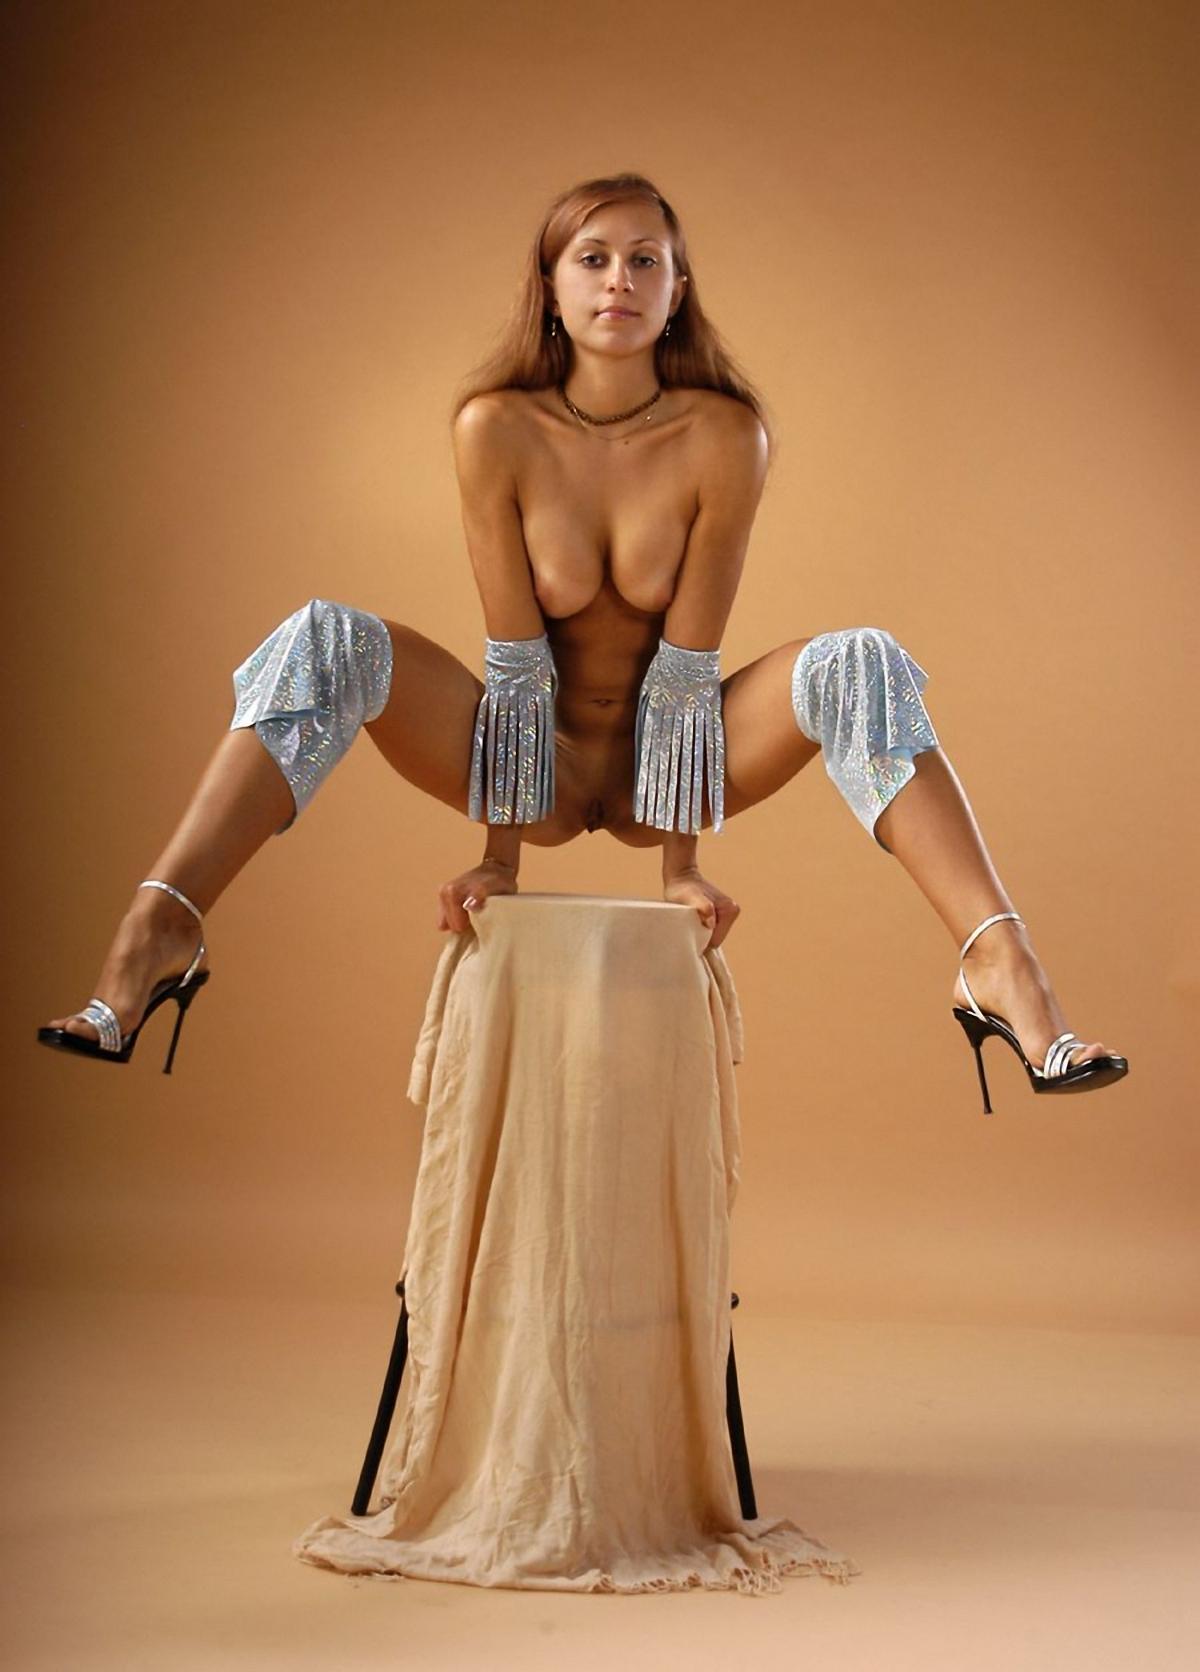 Фото голых женщин в цирке фото 145-437